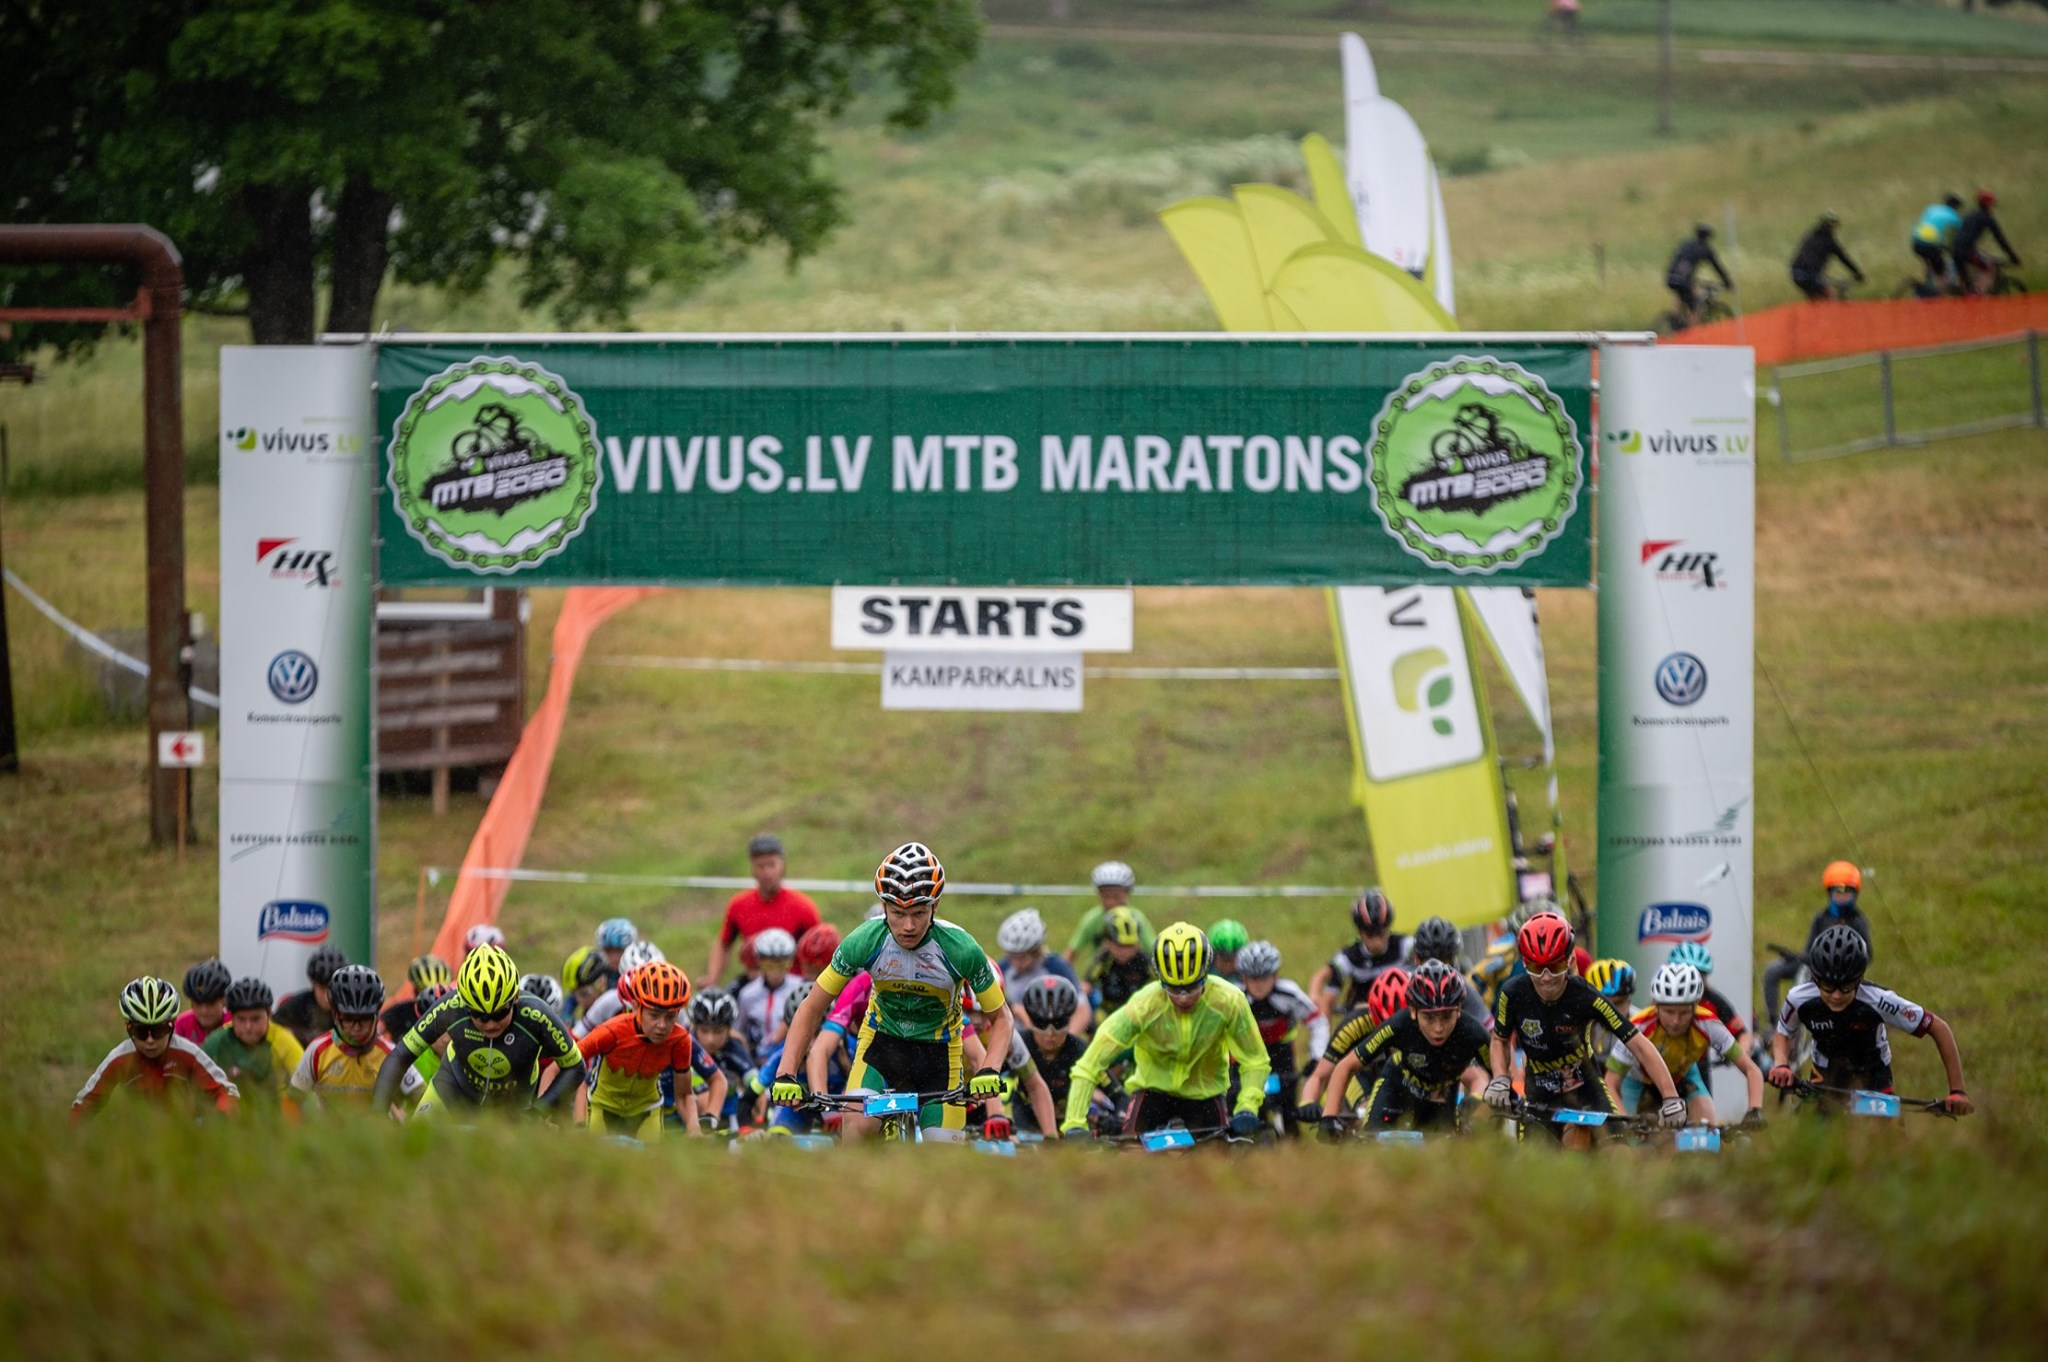 """Šonedēļ Kamparkalnā norisināsies  """"Vivus.lv MTB Maratons 2021"""" sacensību pirmie 2 posmi."""